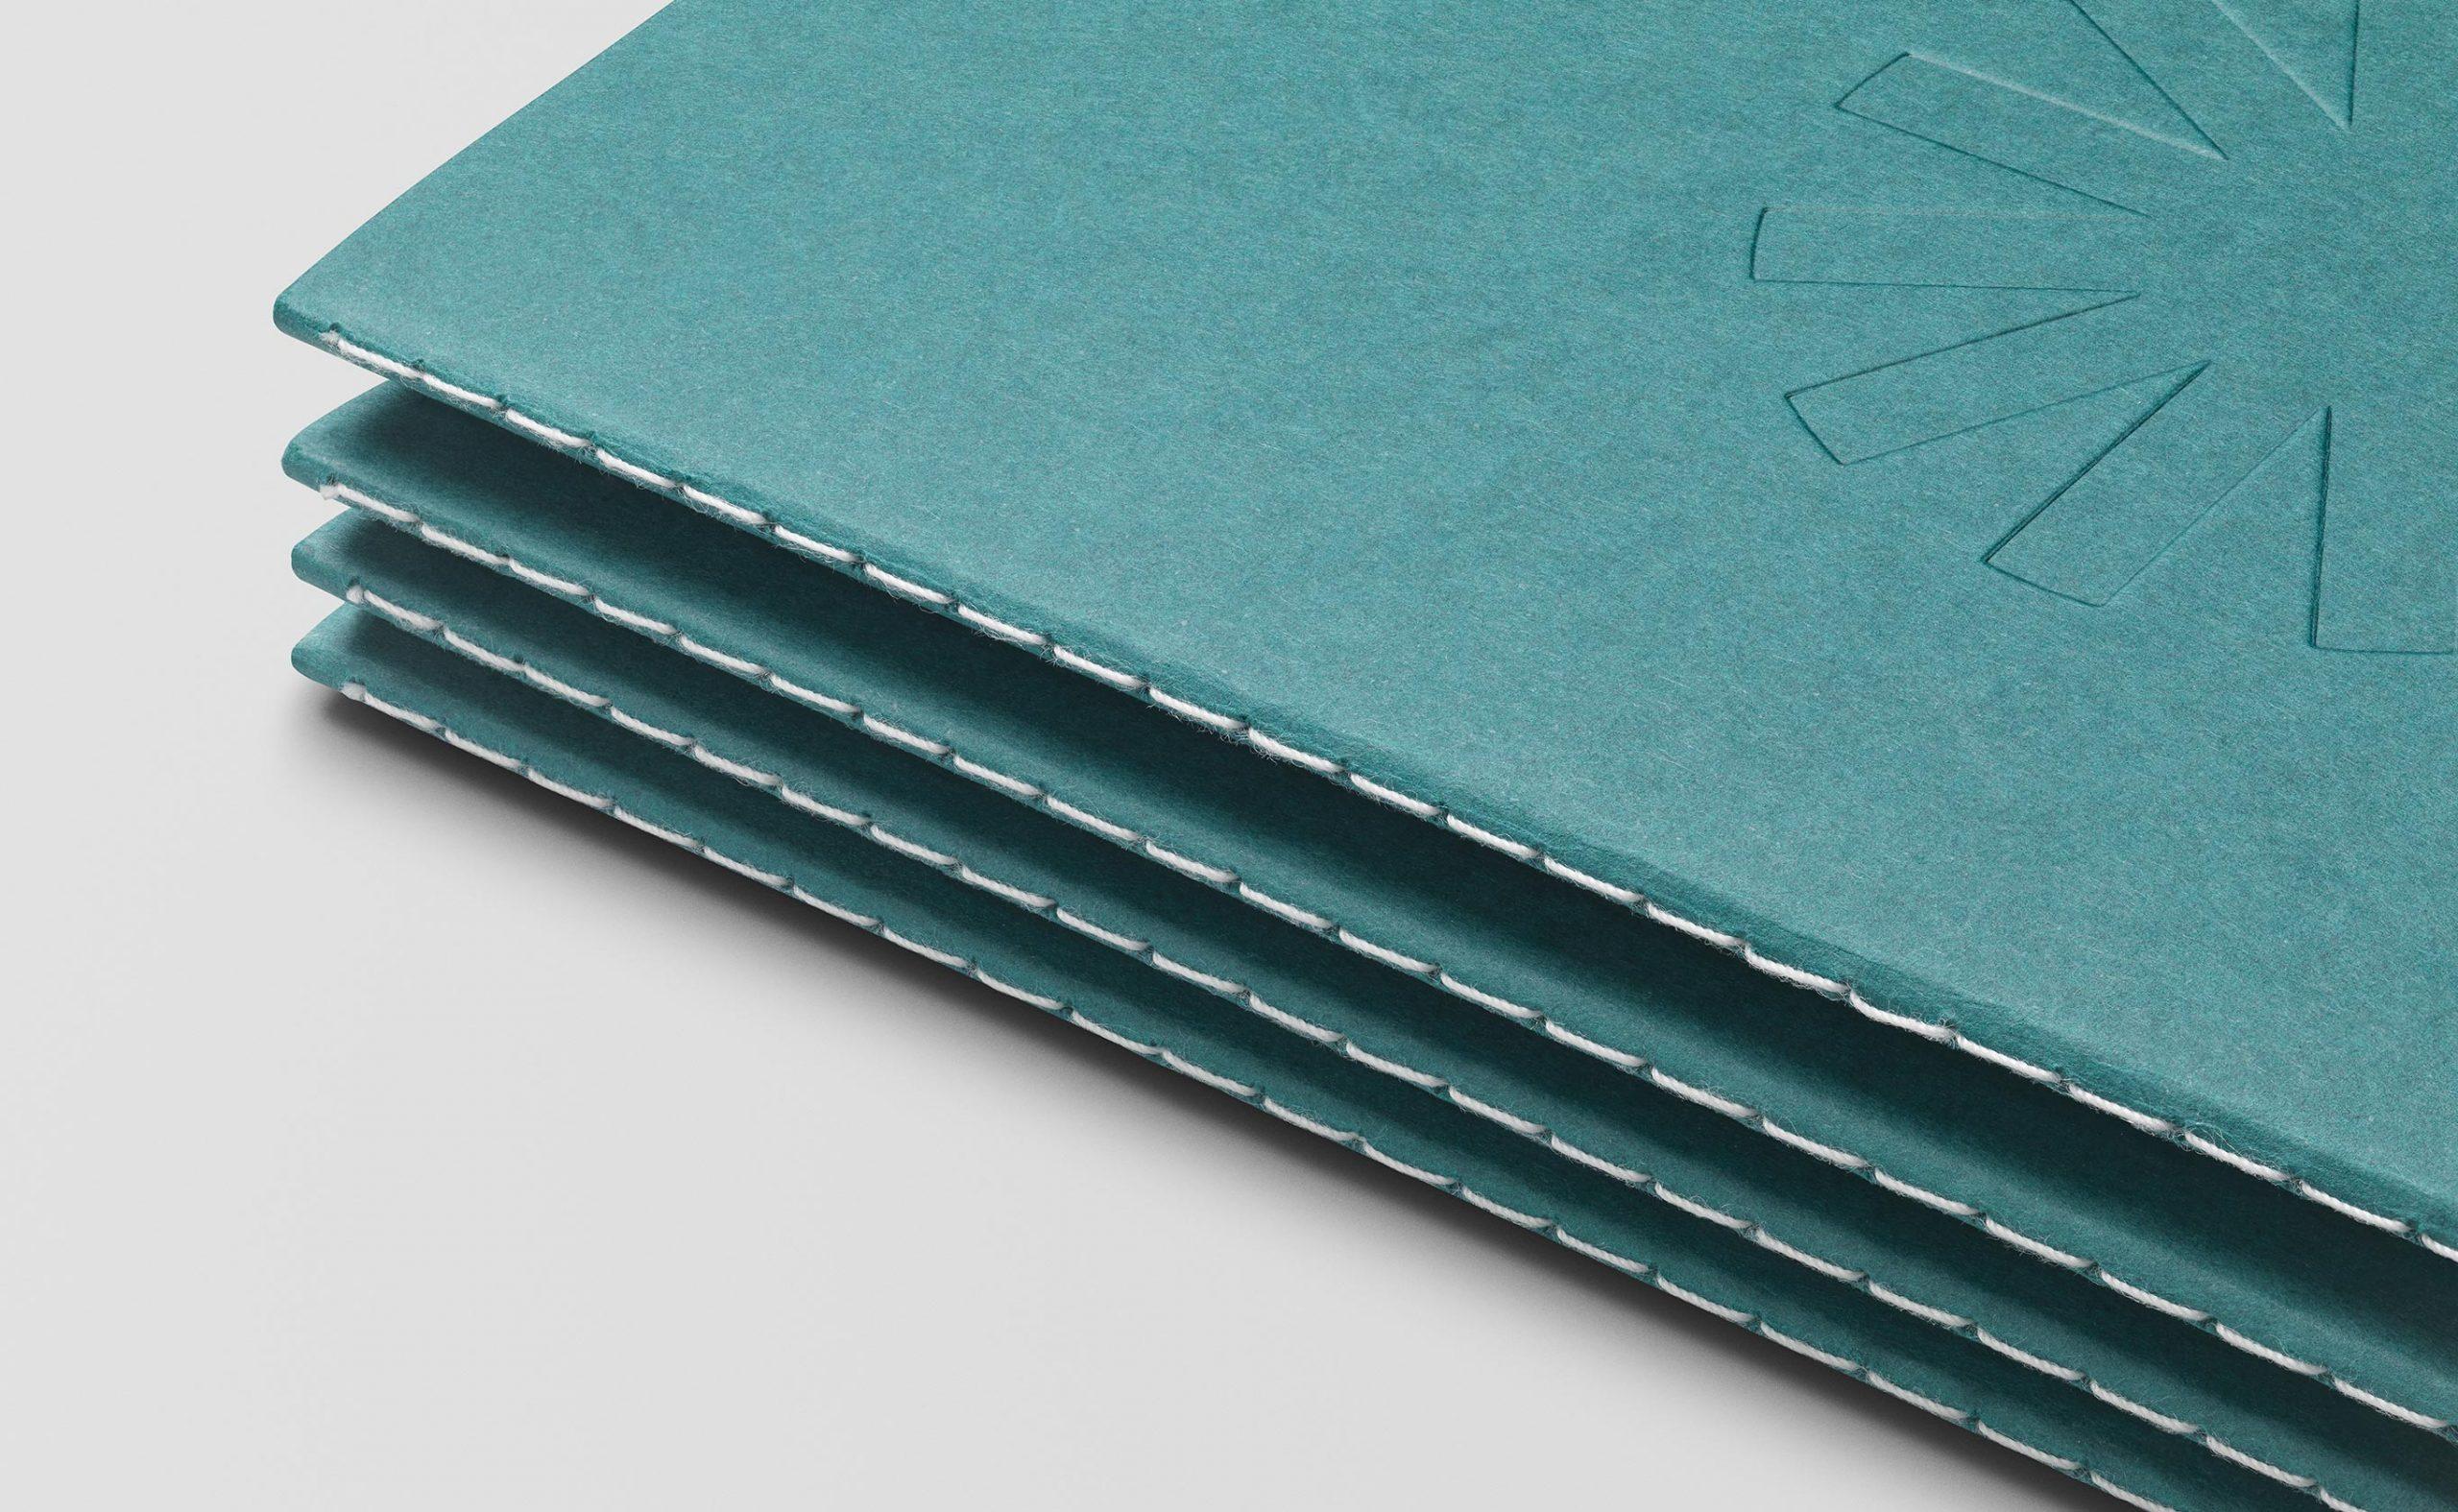 bpf_brochure-stitching_2730x1680